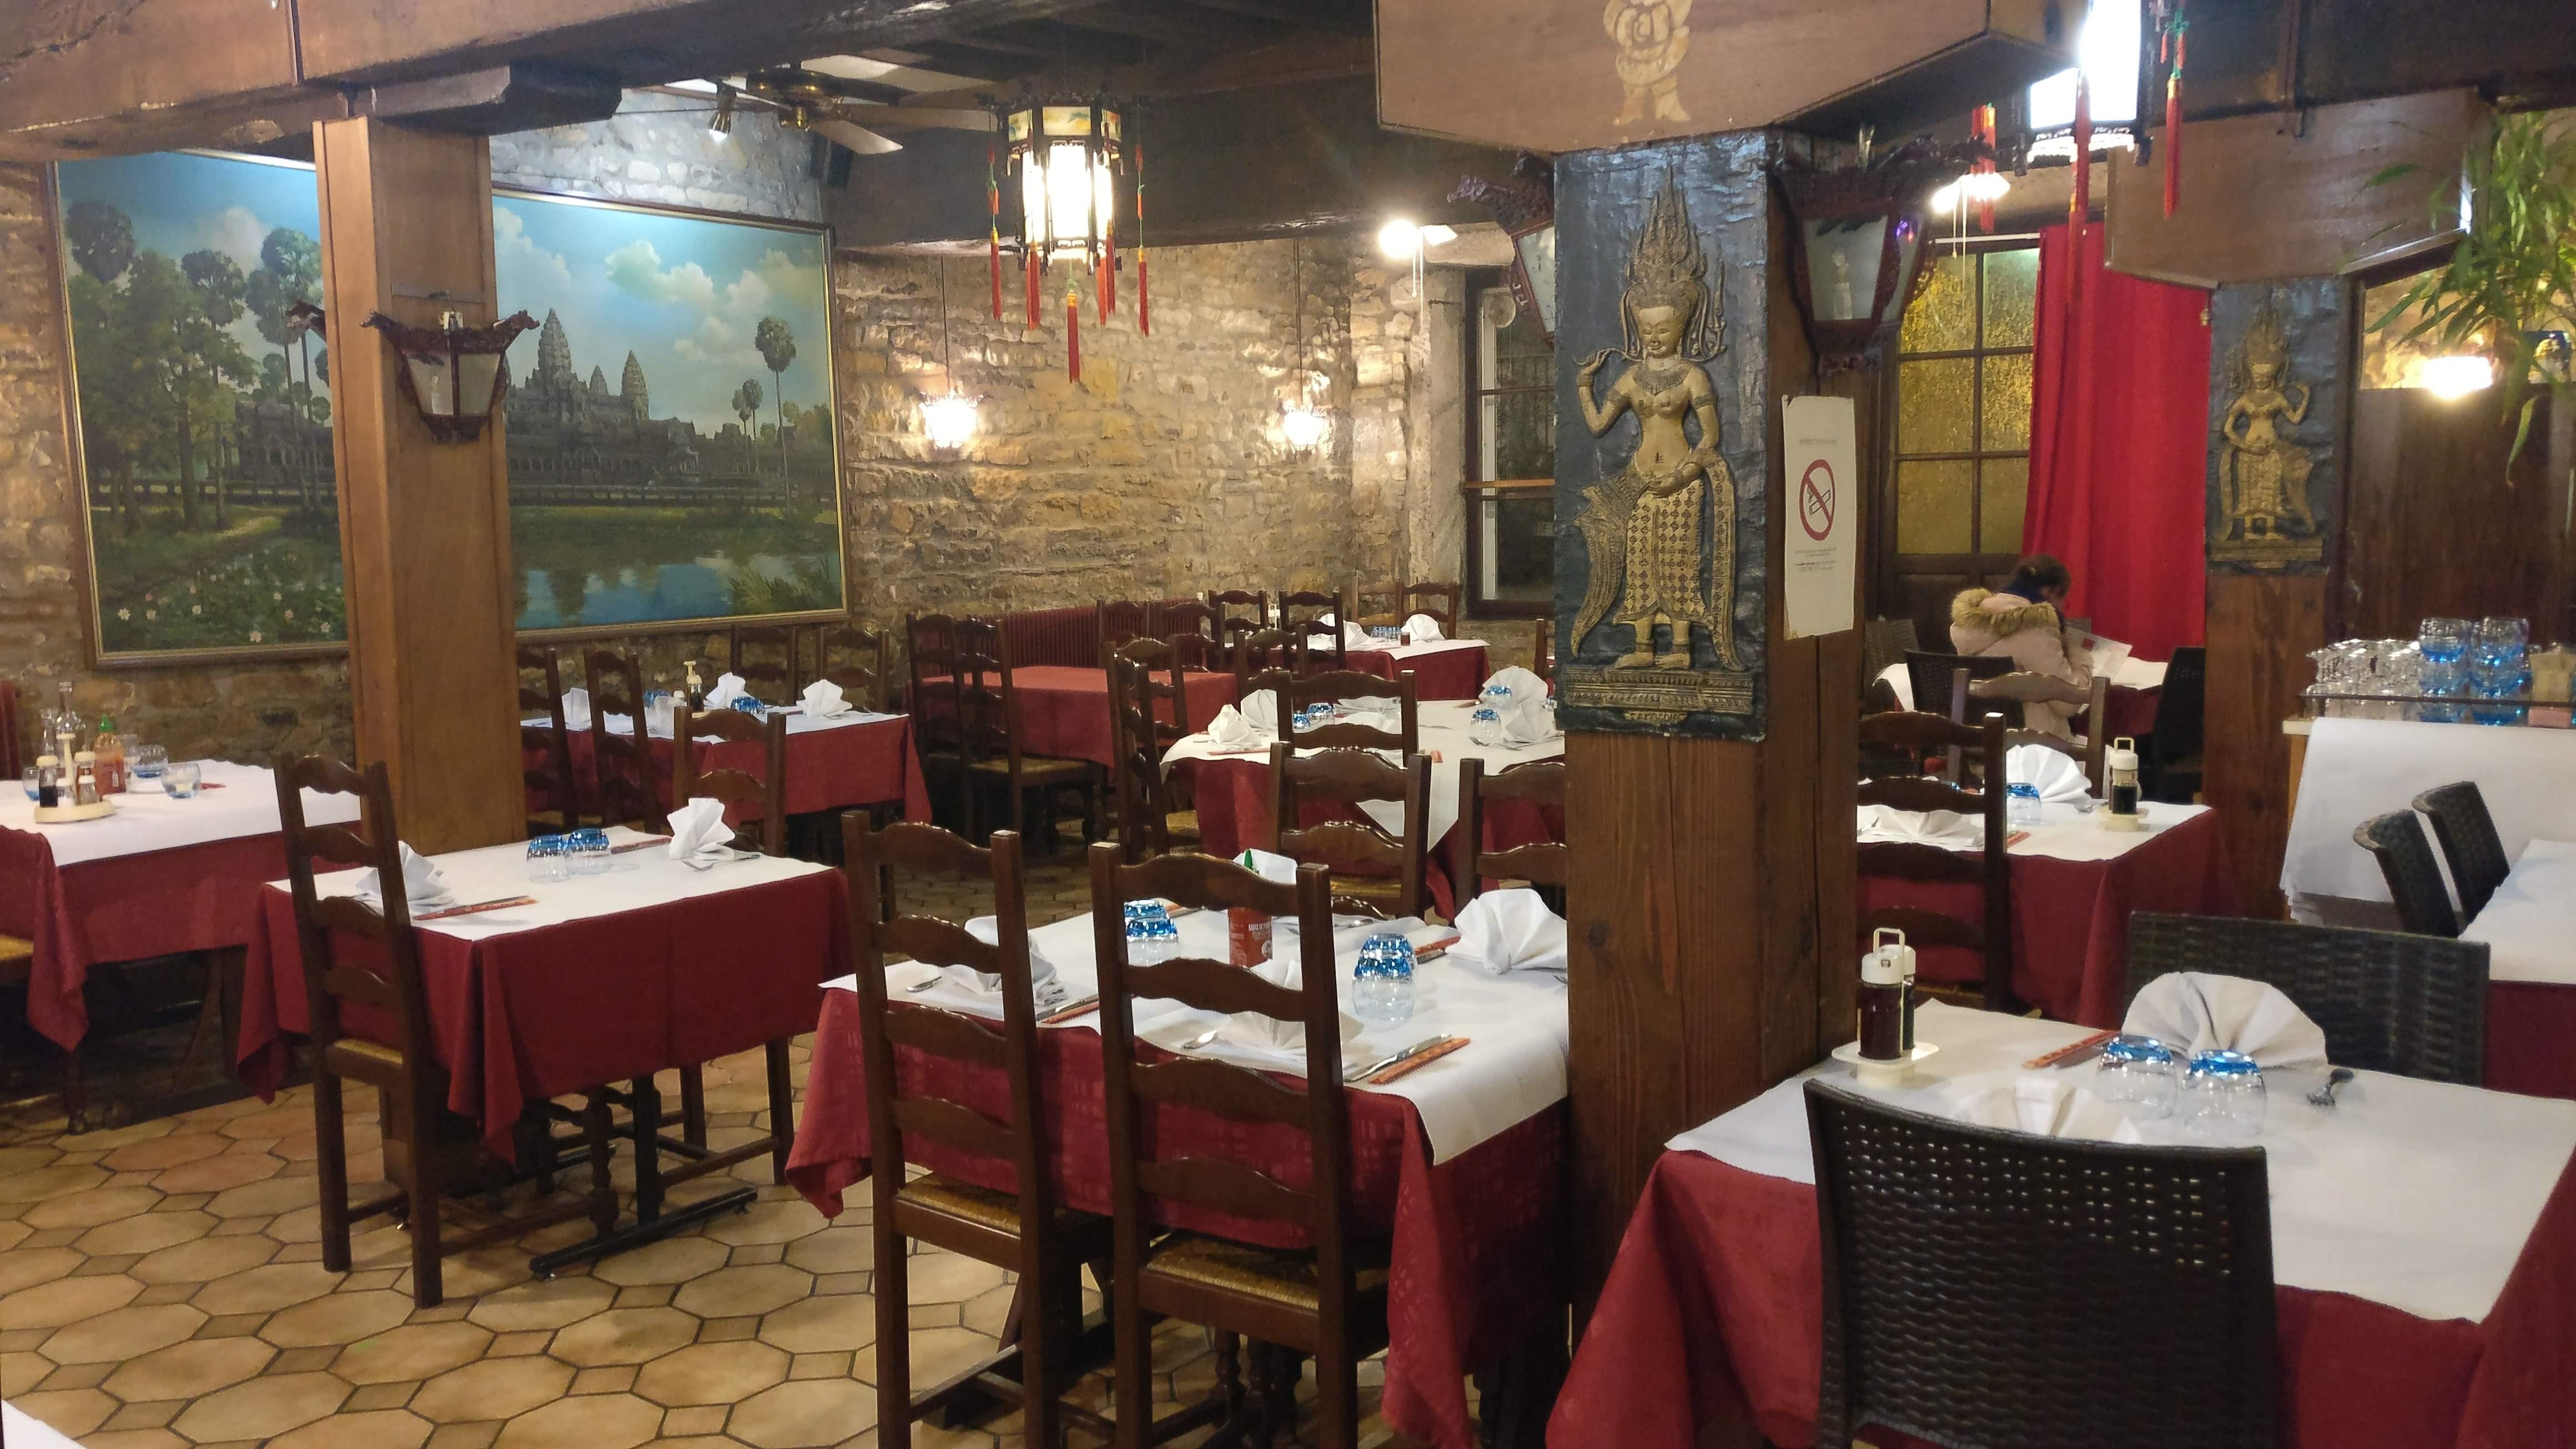 Le Monde d'Angkor – notre cantine asiatique à Vaise